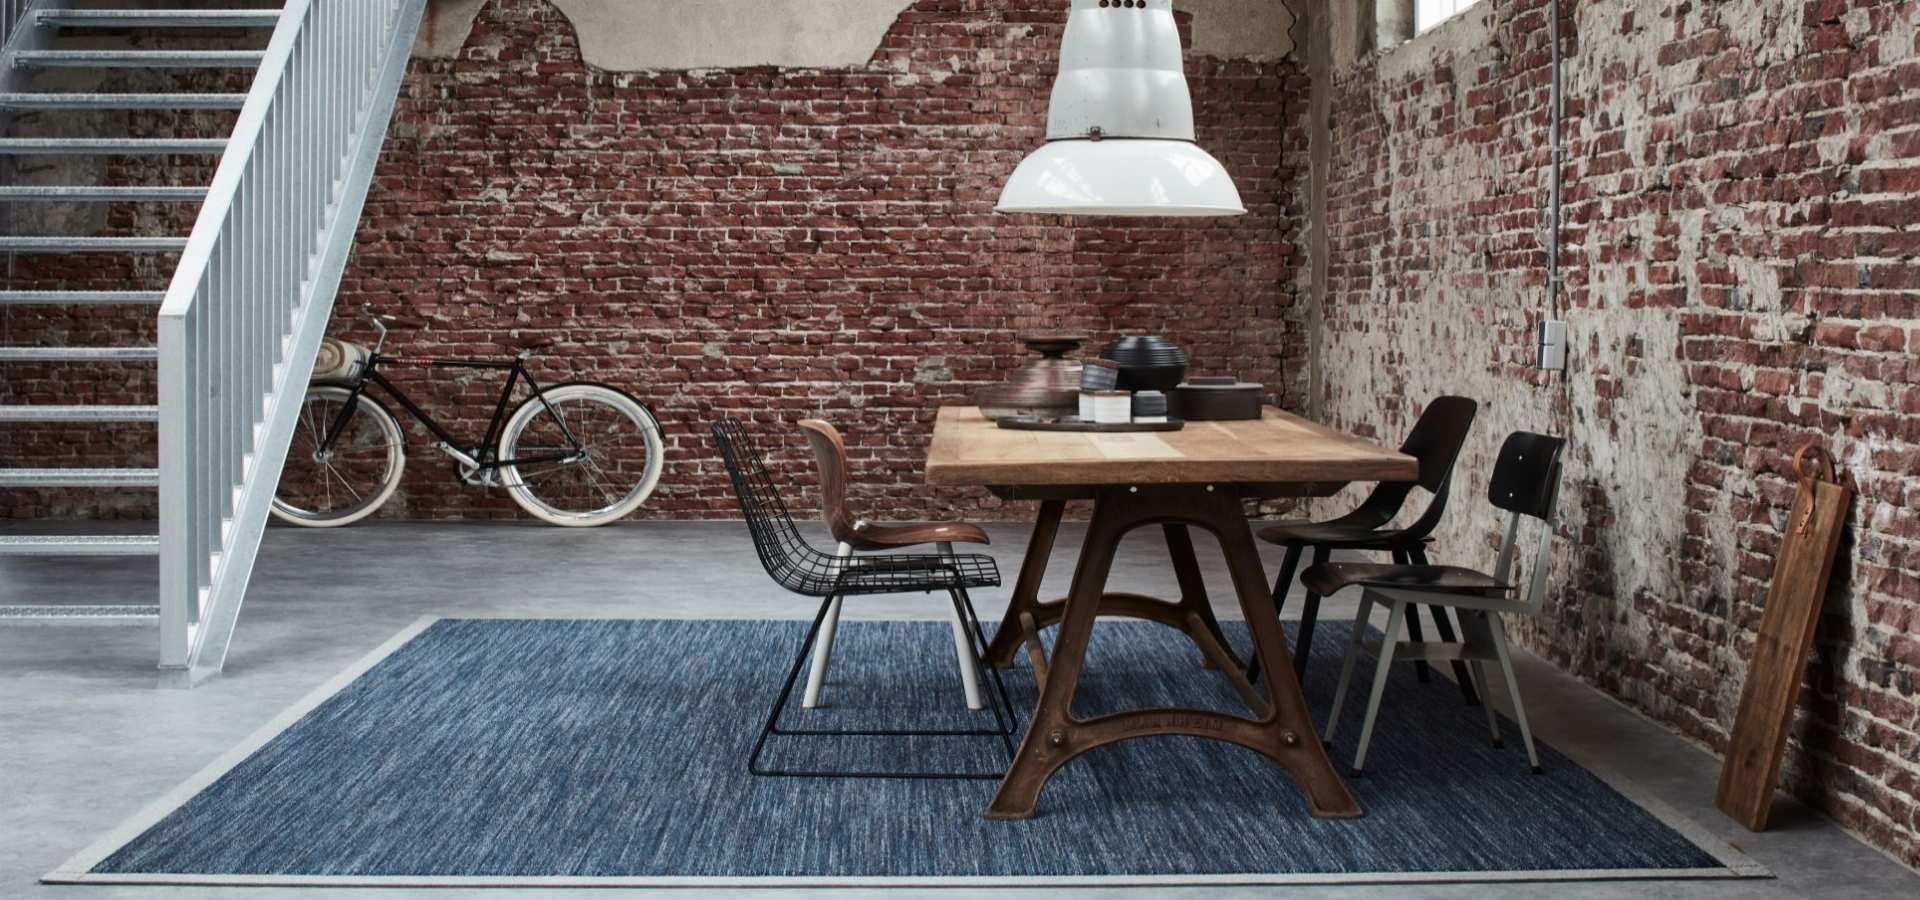 Wohnzimmer-Esszimmer Teppich Denim